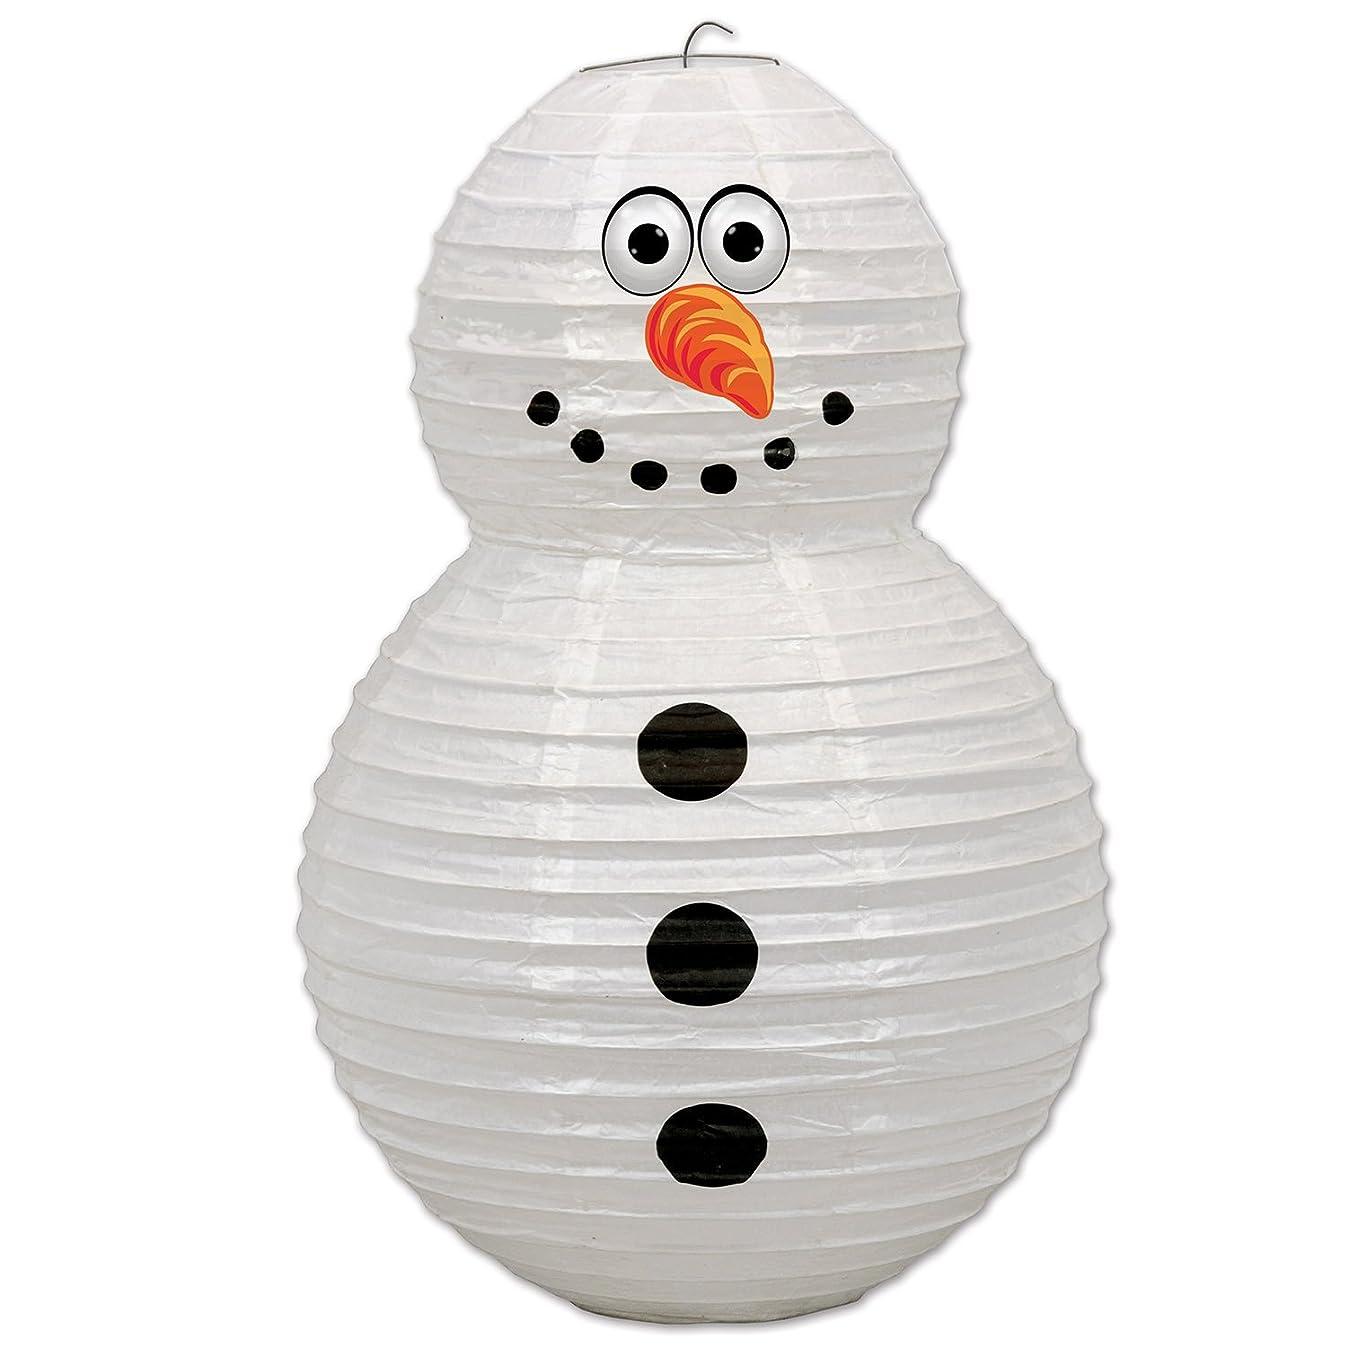 Beistle 20787 Snowman Paper Lantern, 19